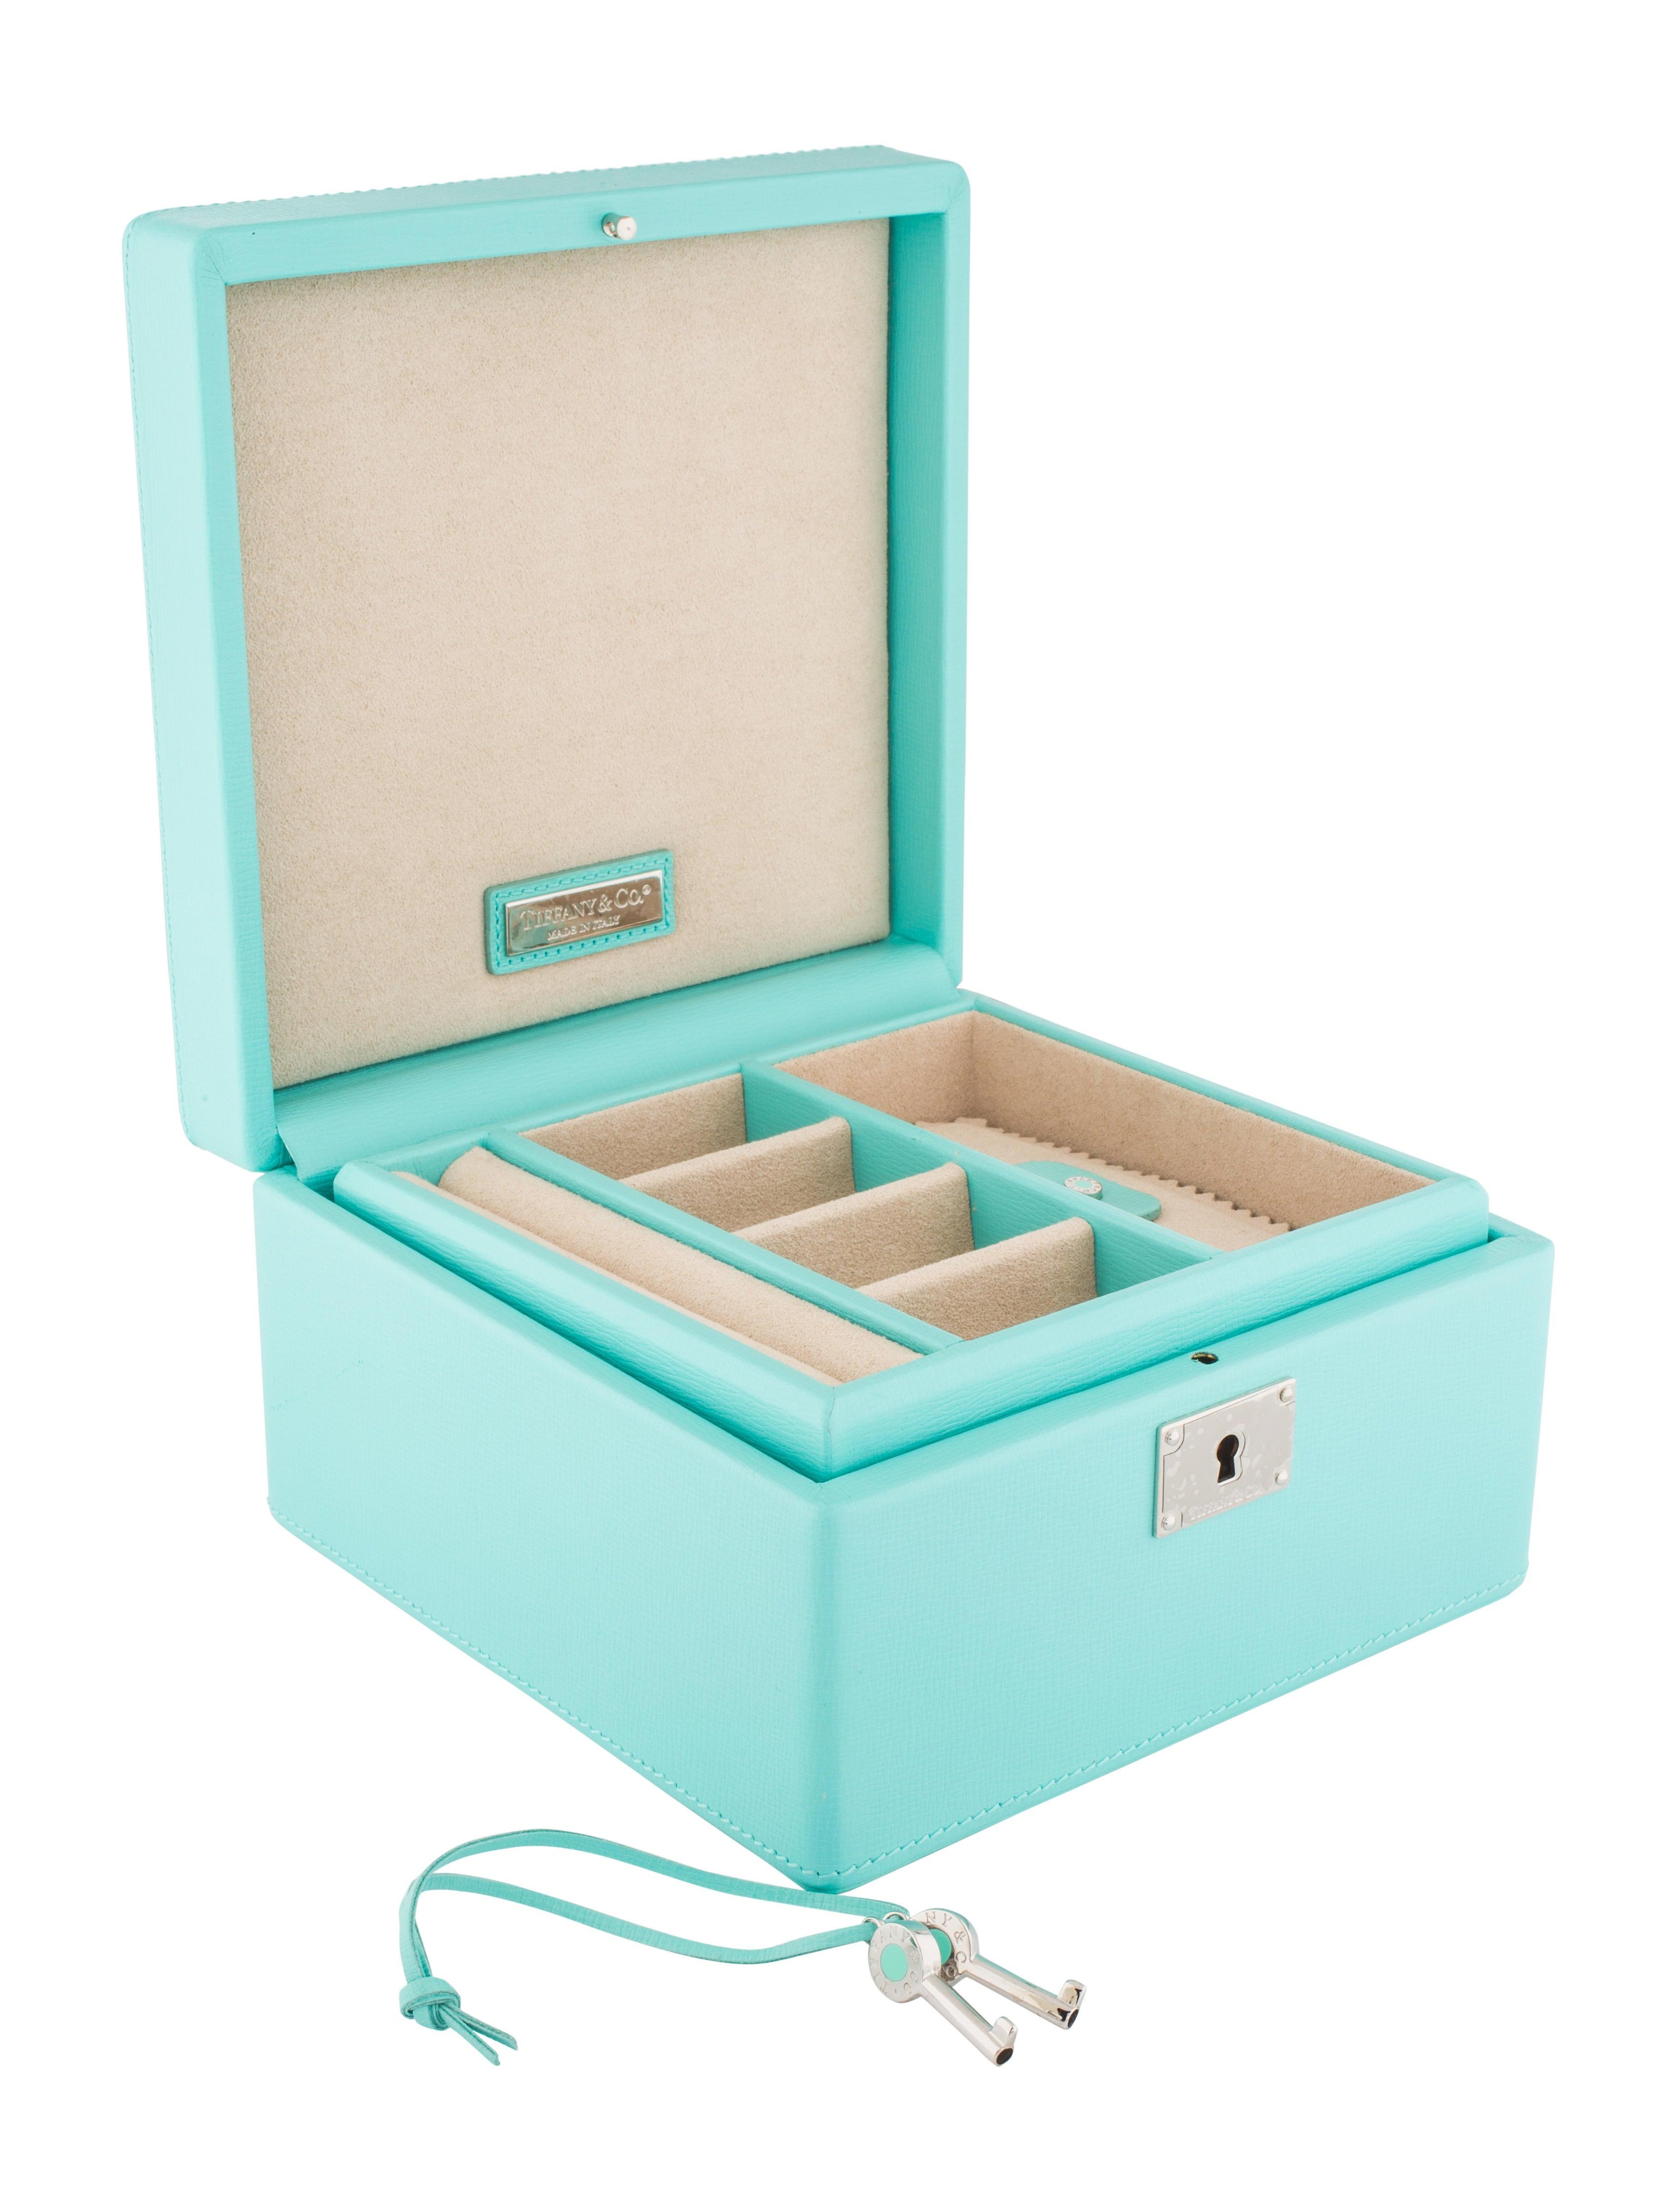 Tiffany Blue Leather Jewelry Box 1000 Jewelry Box